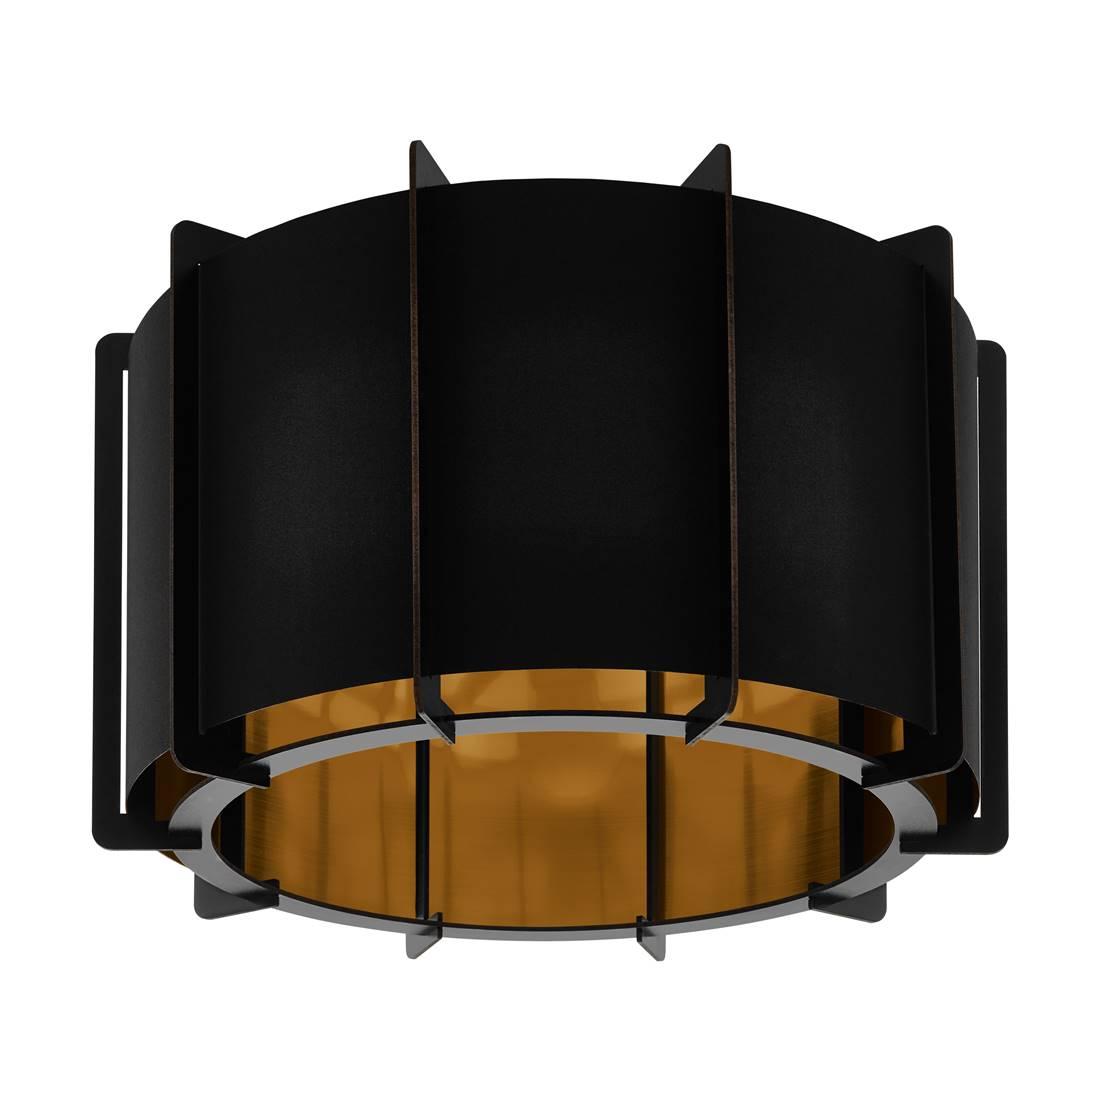 Deckenleuchte PINETA schwarz schwarz, gold Ø43cm H32cm